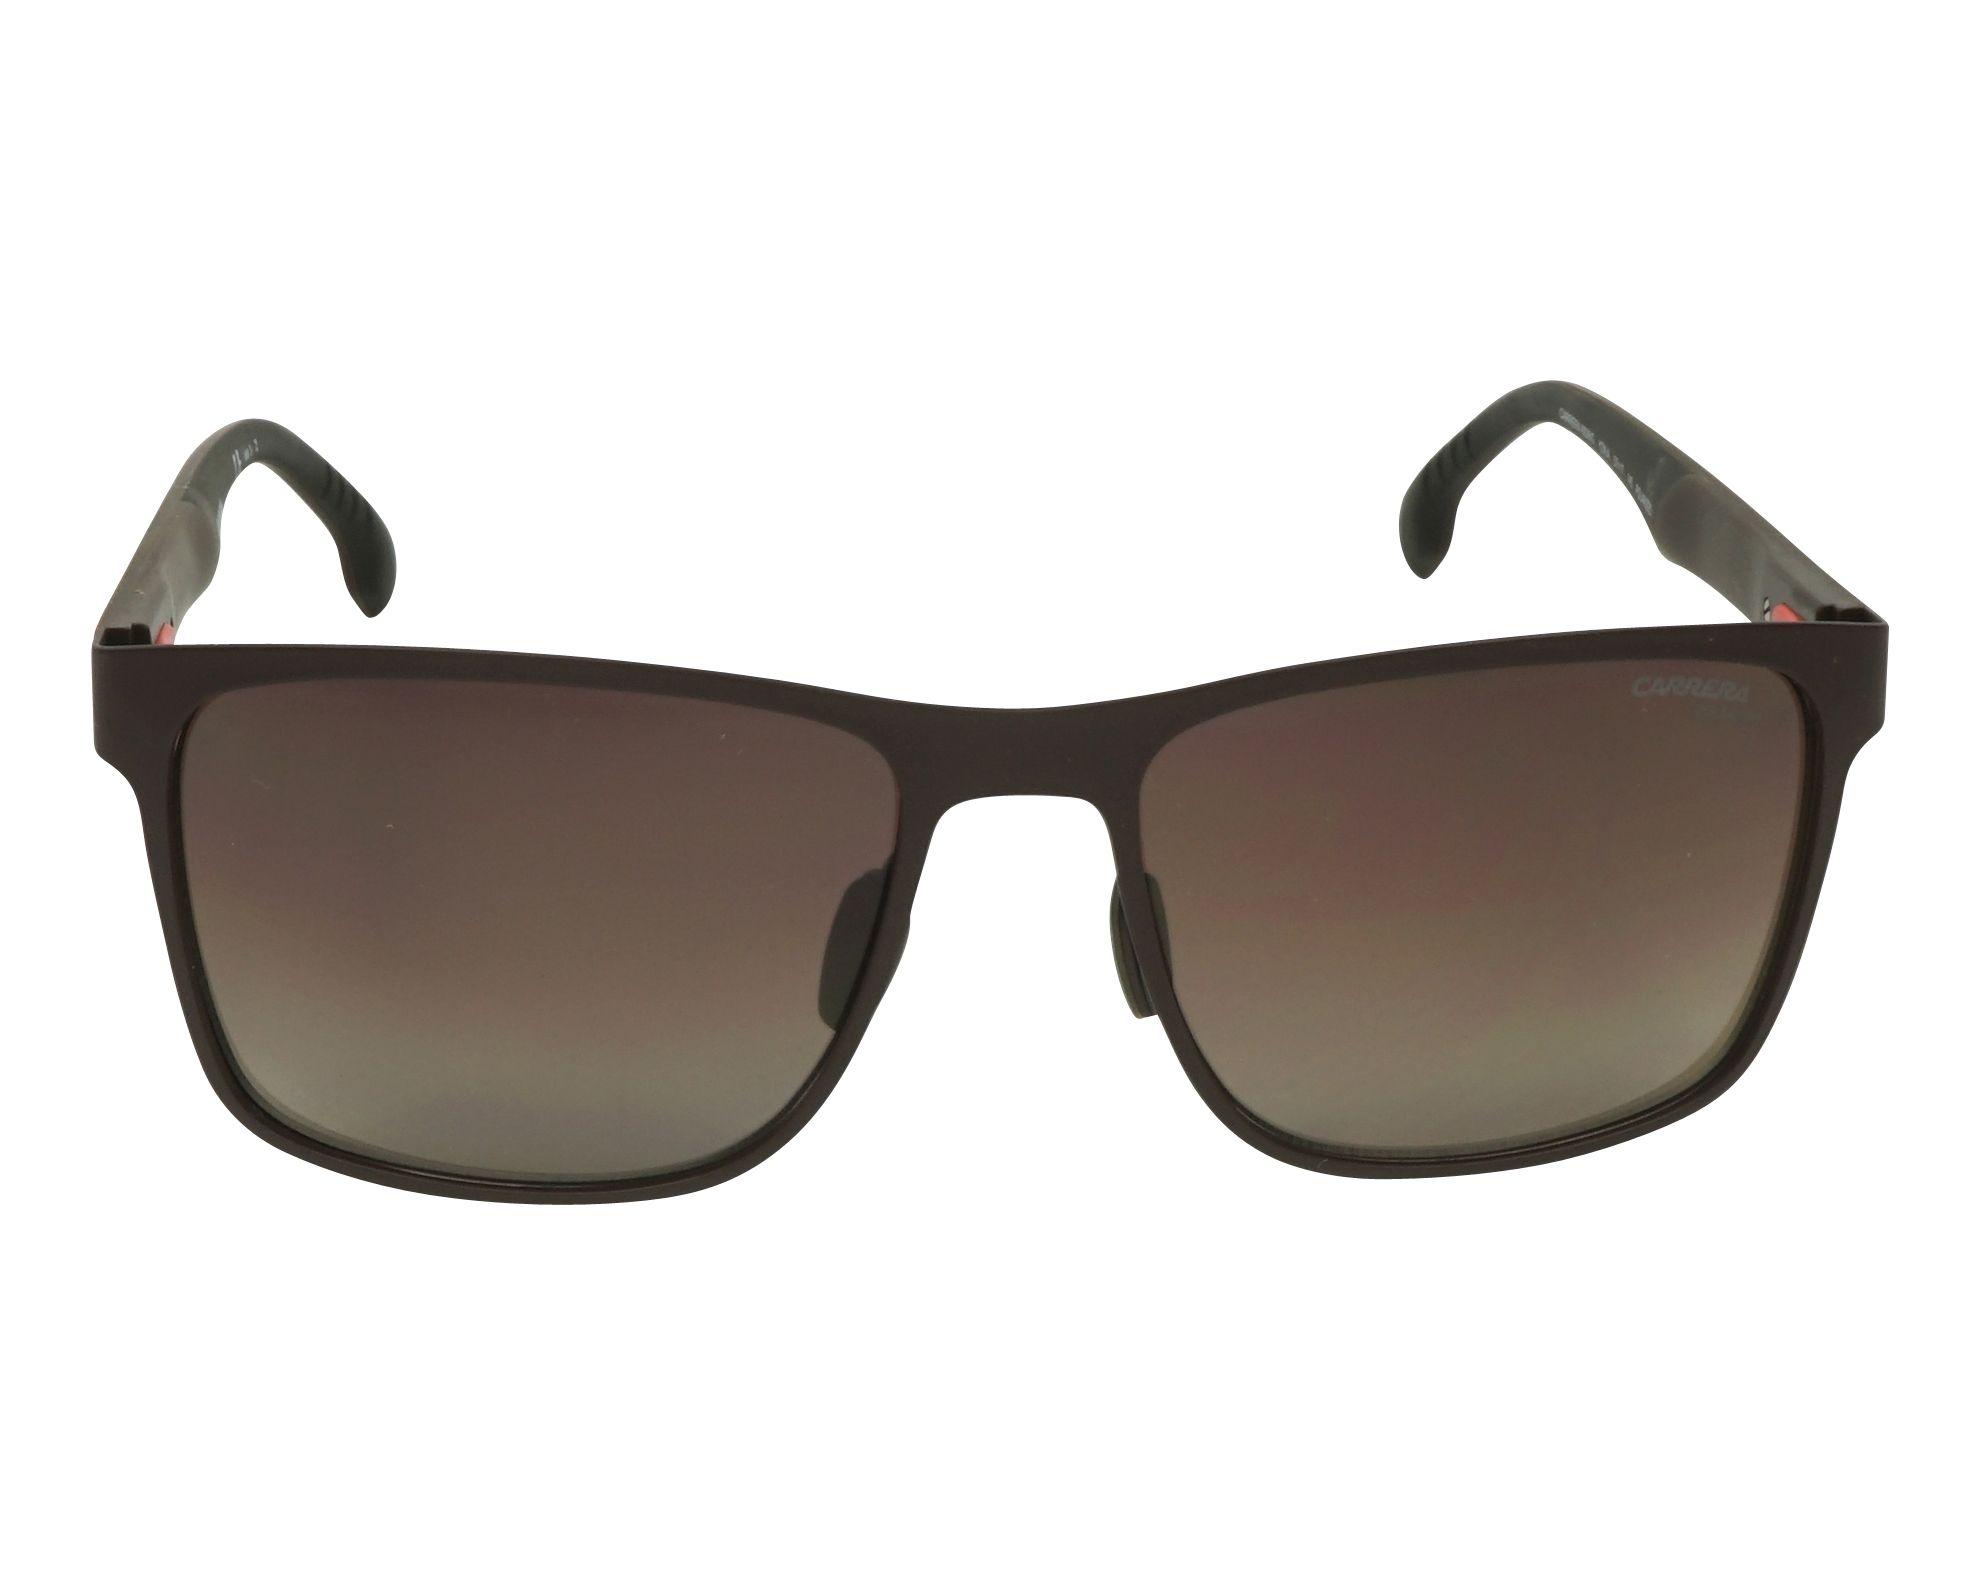 e725bce63b4f5 Sunglasses Carrera 8026-S YZ4 LA 57-17 Brown front view